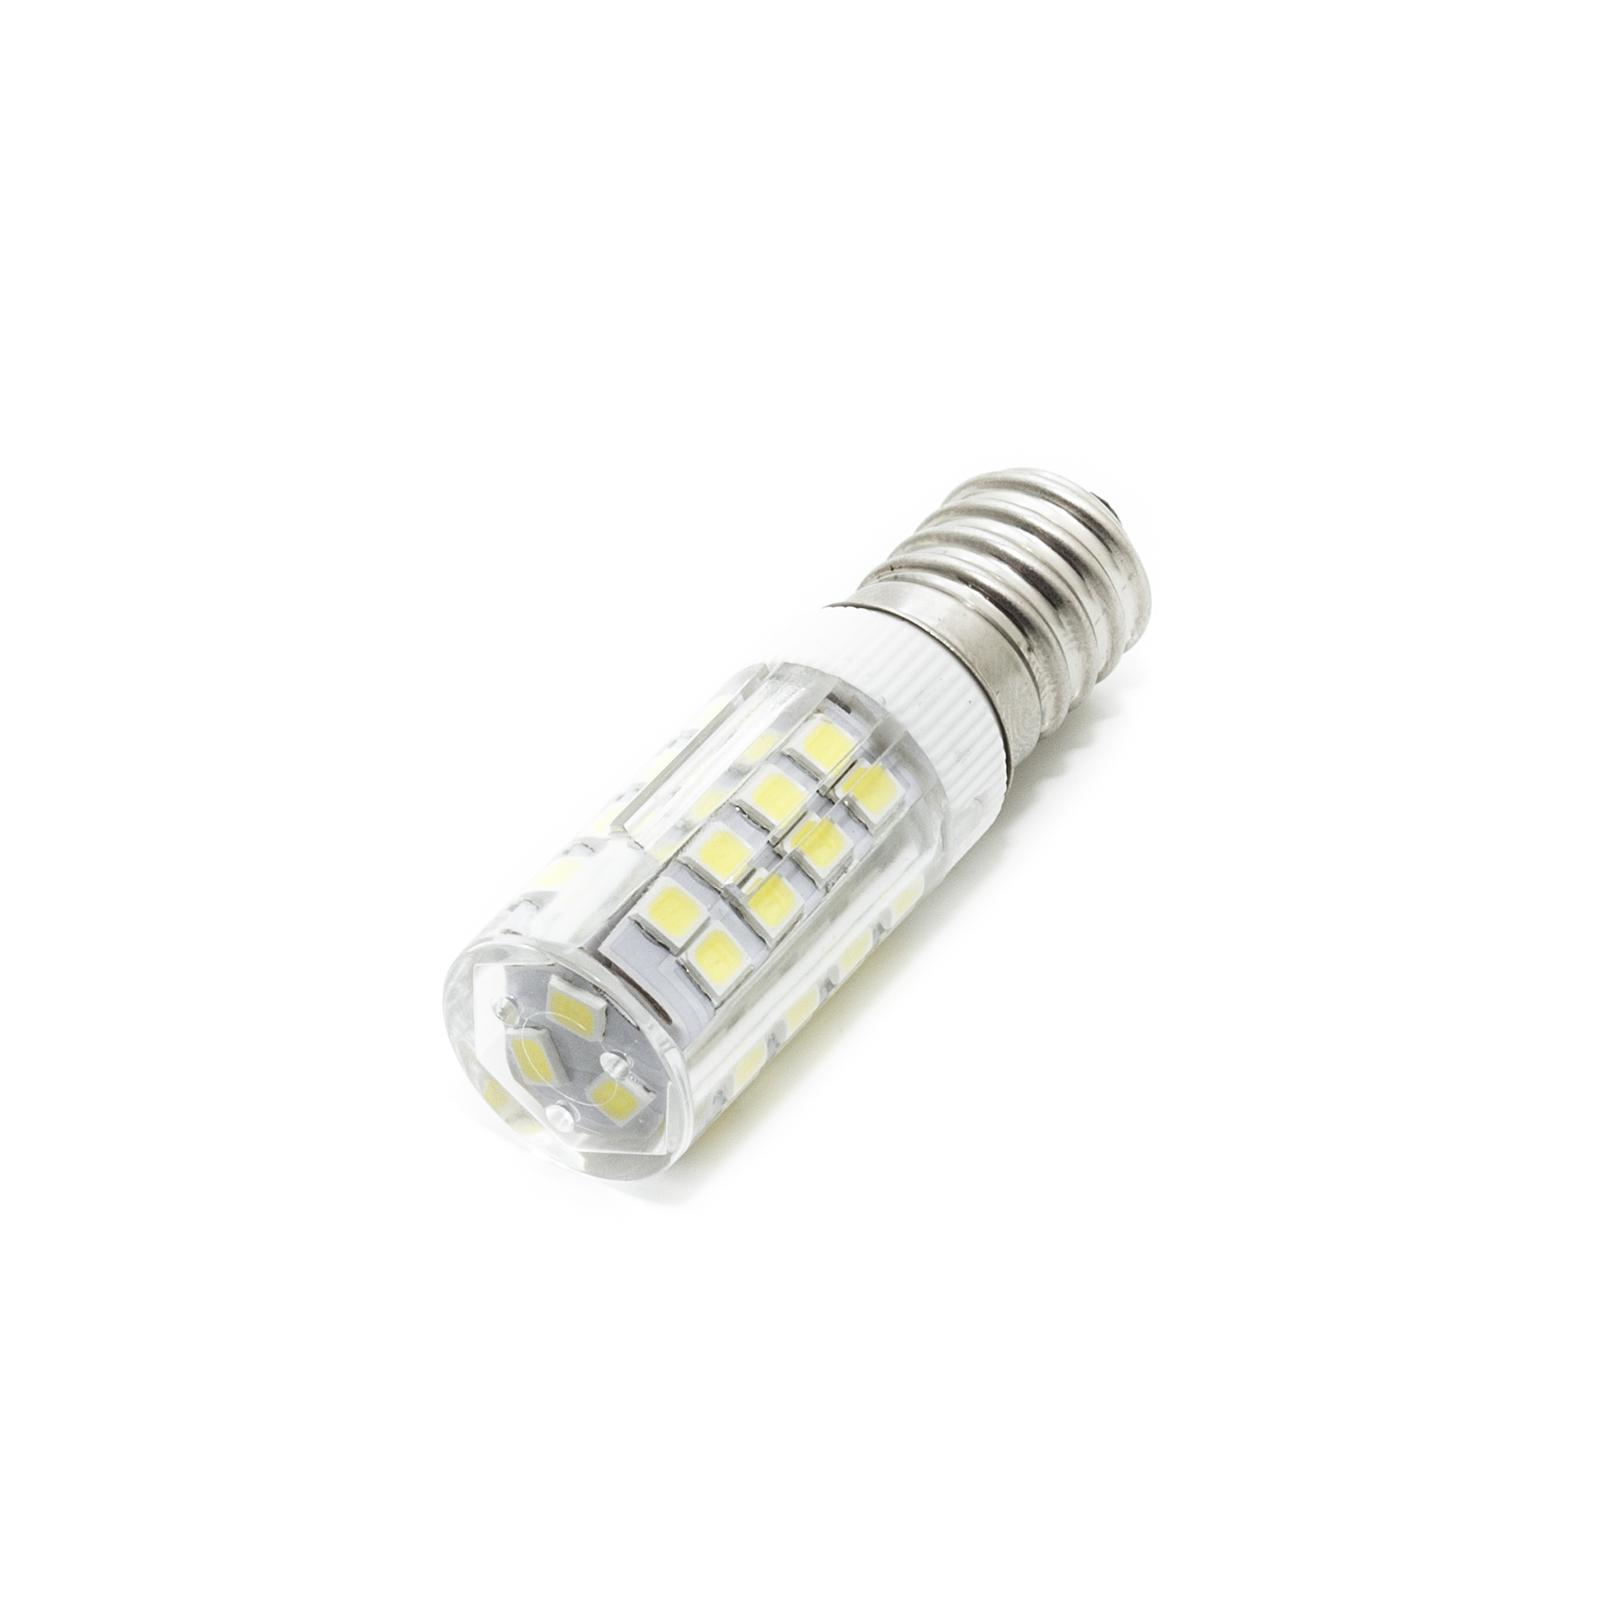 Smd Ampoule Led Watts 3w Slim 30 Rendement E14 Mini Lampe Diffuse Lumière De hdCBsrtQx